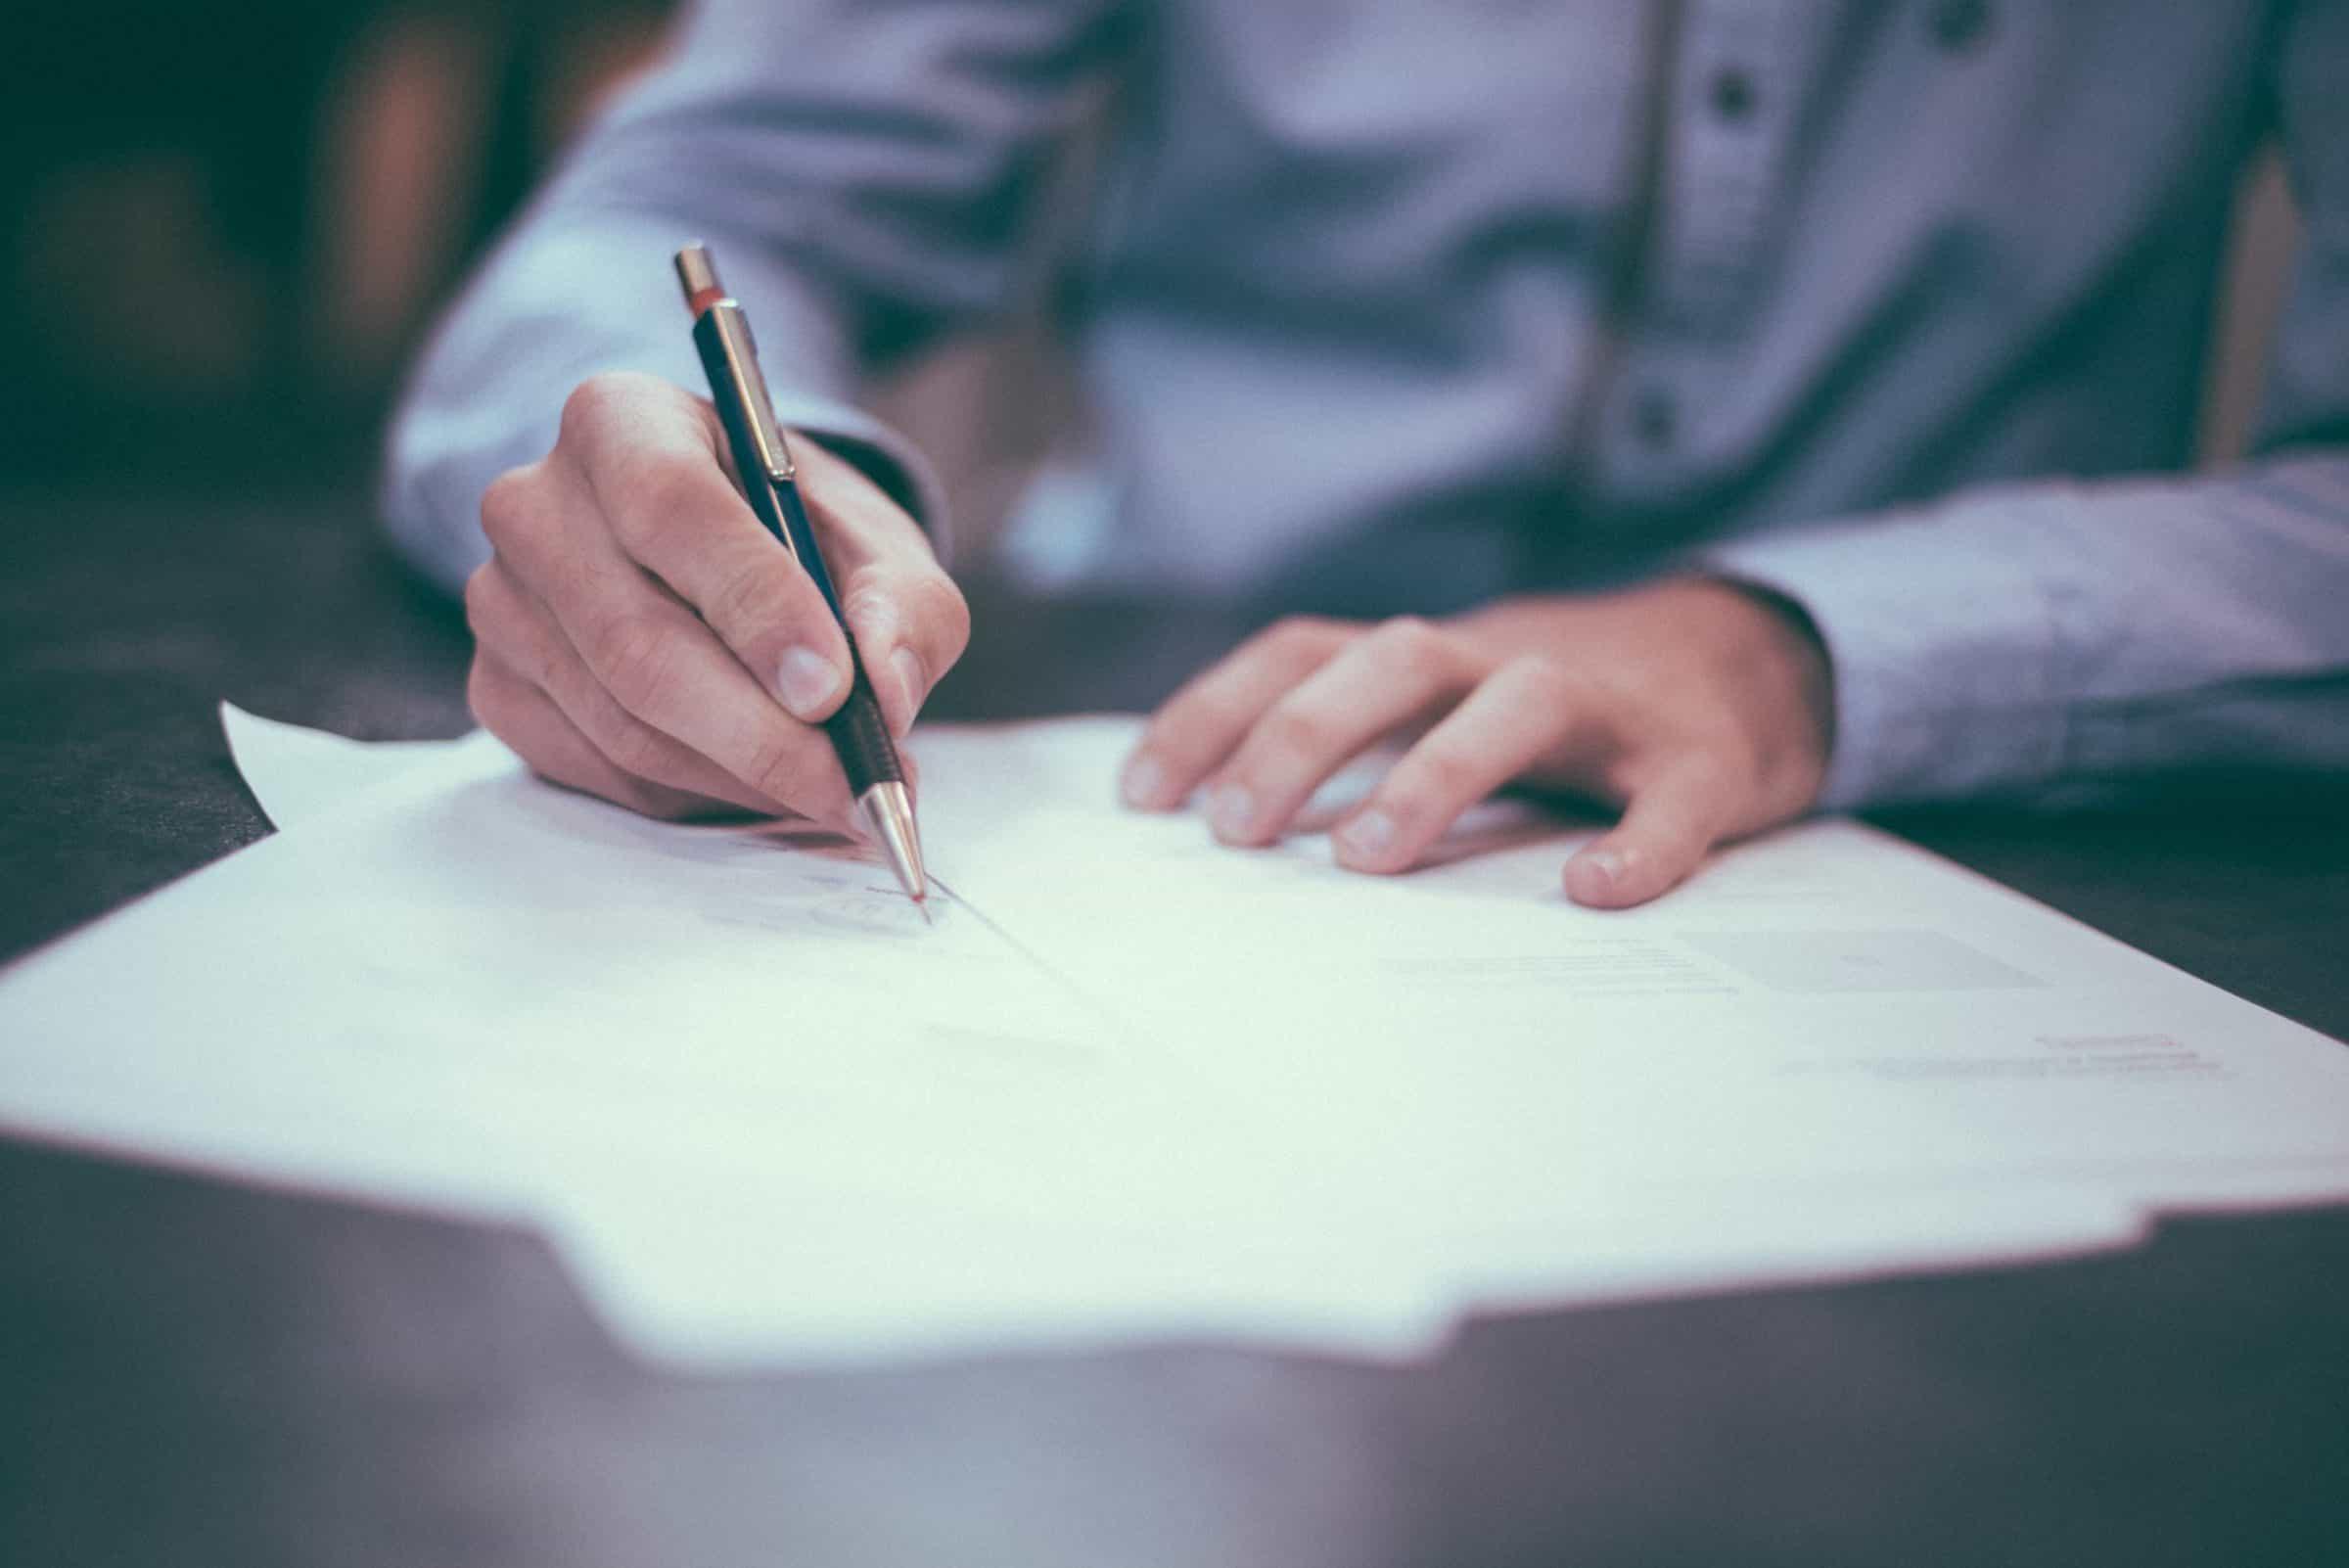 Tekenen - contract - legal